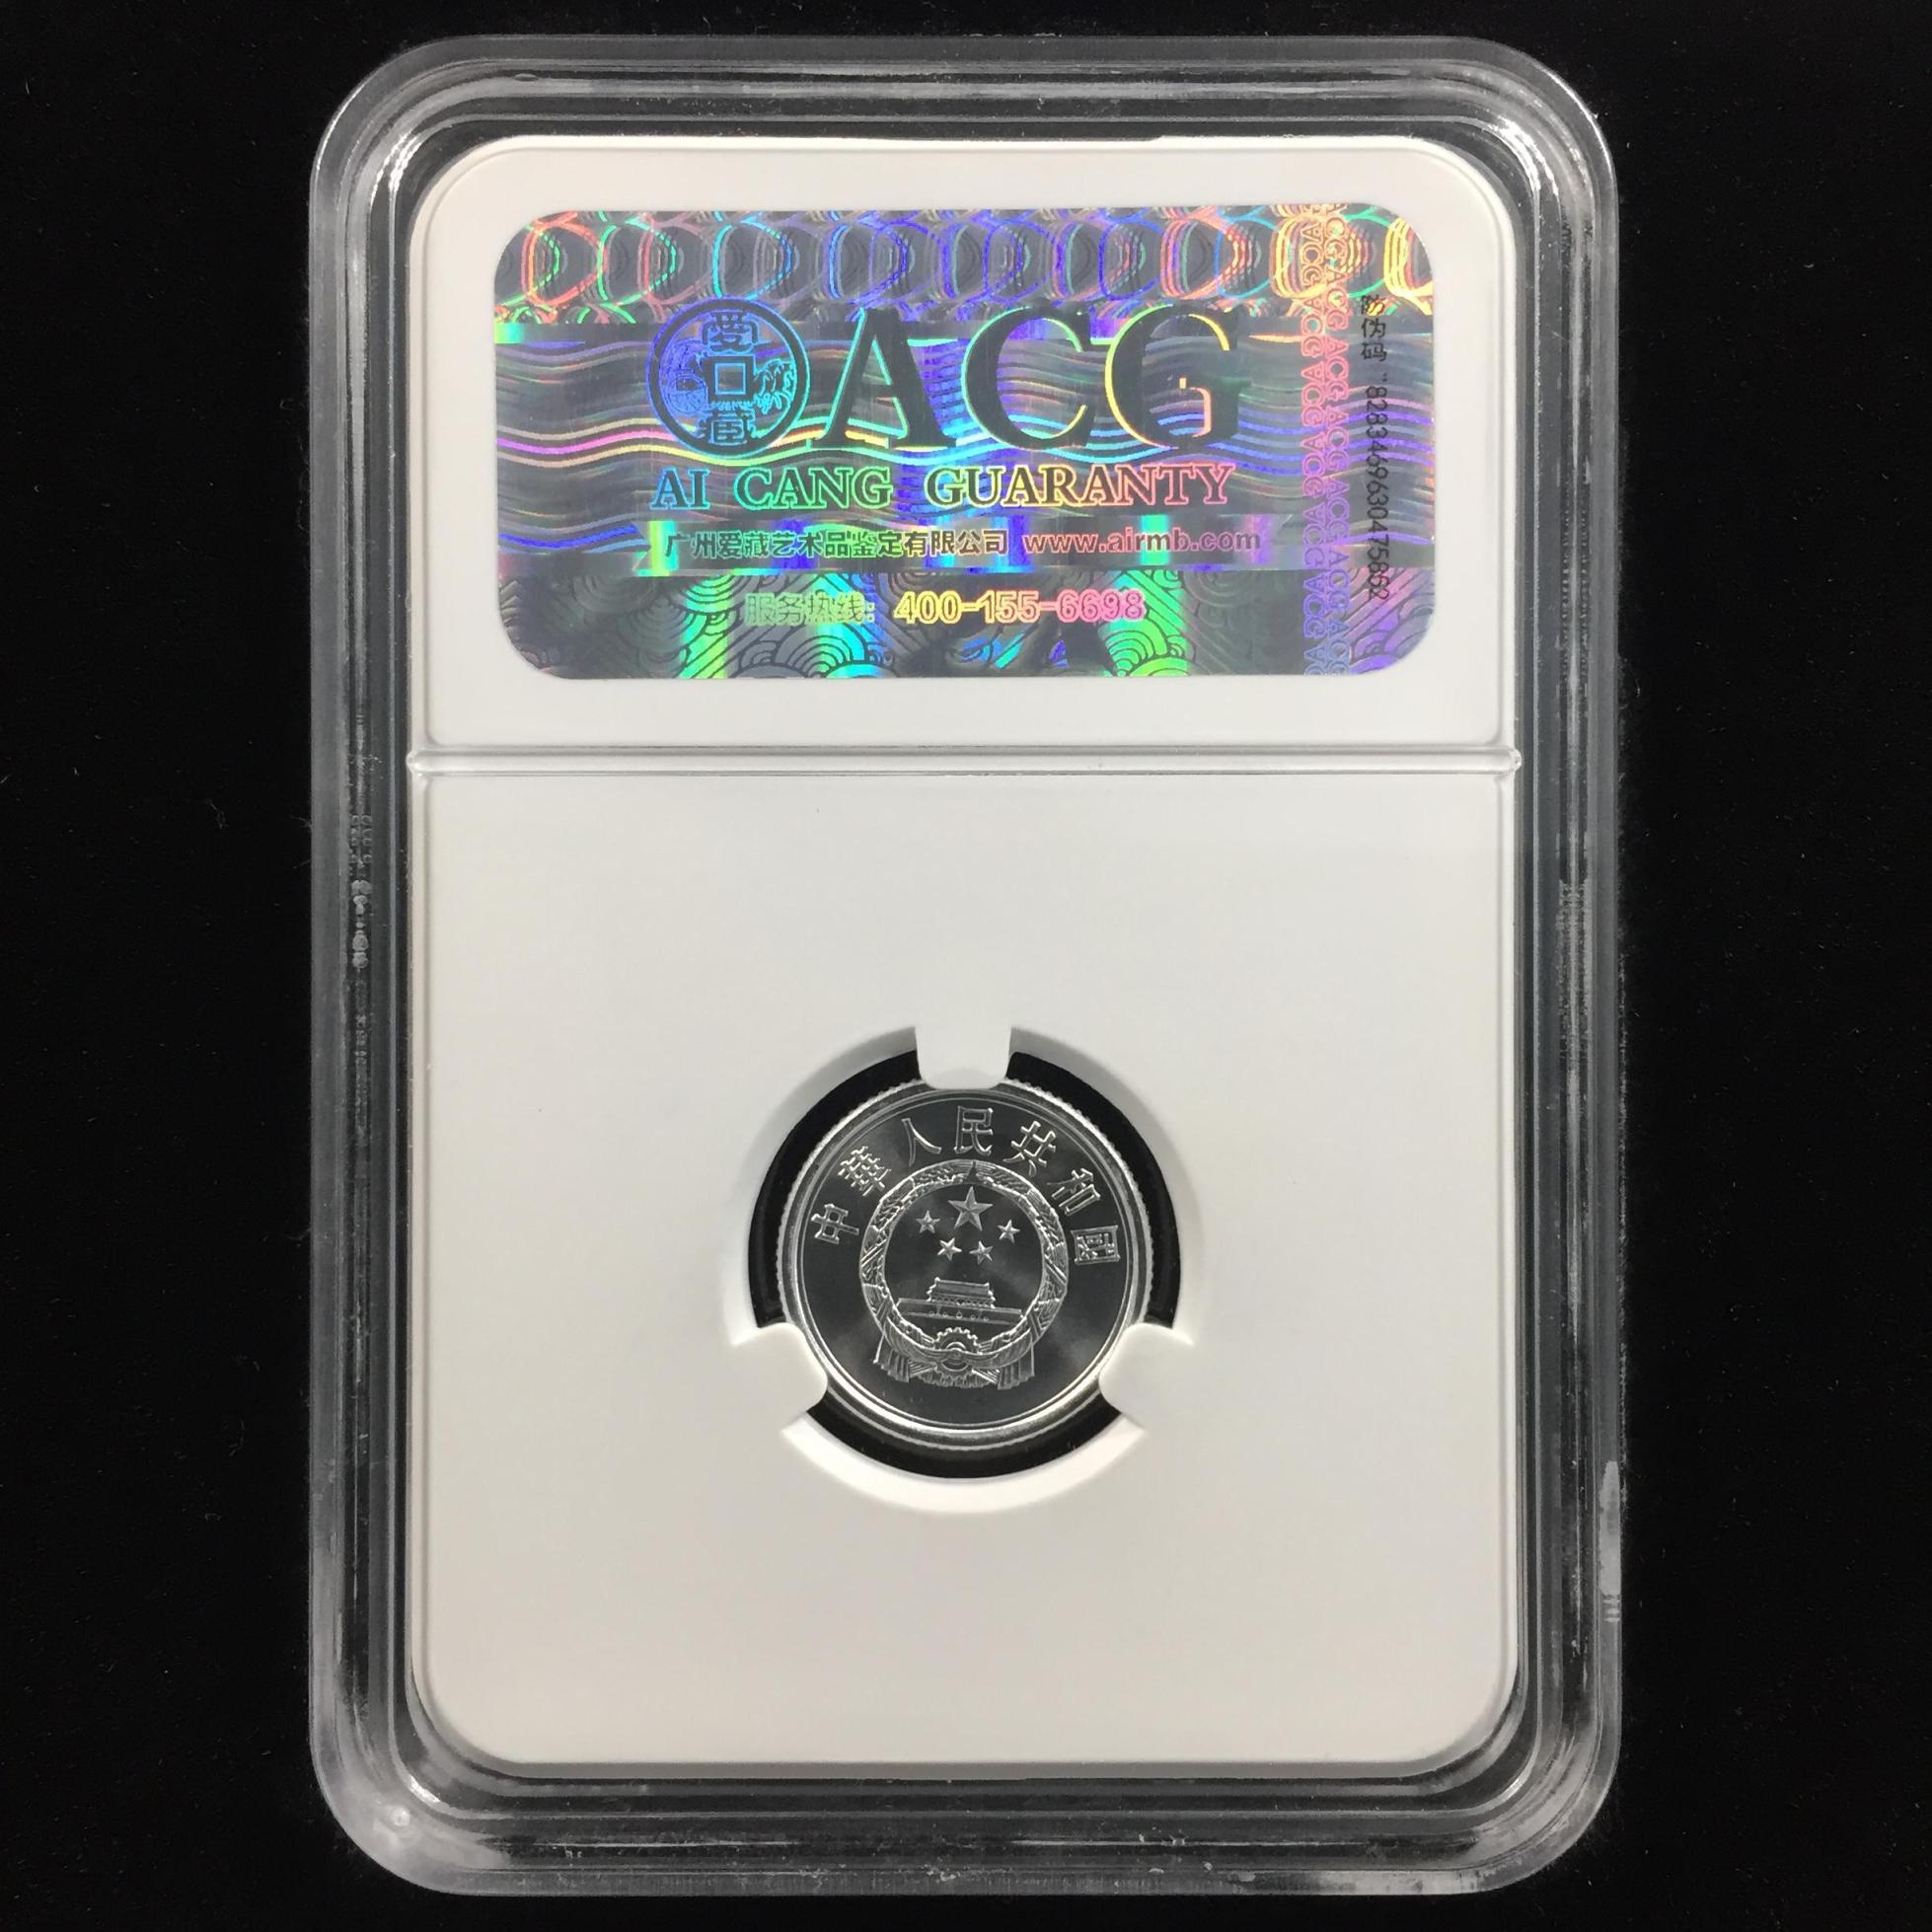 模裂币→2007年1分硬币→ACG鉴定证书-10768225